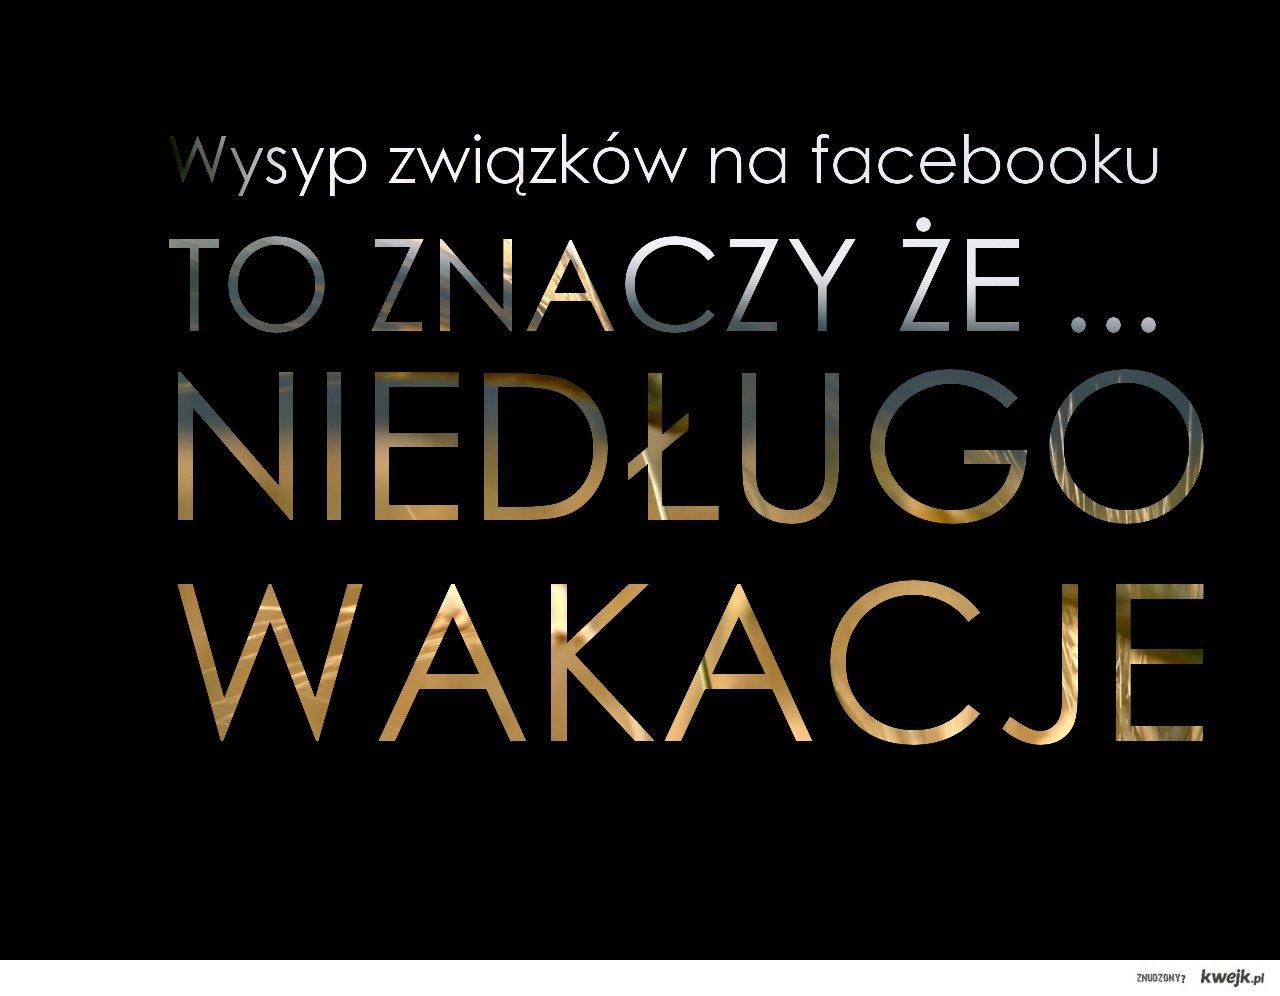 Związki na facebooku